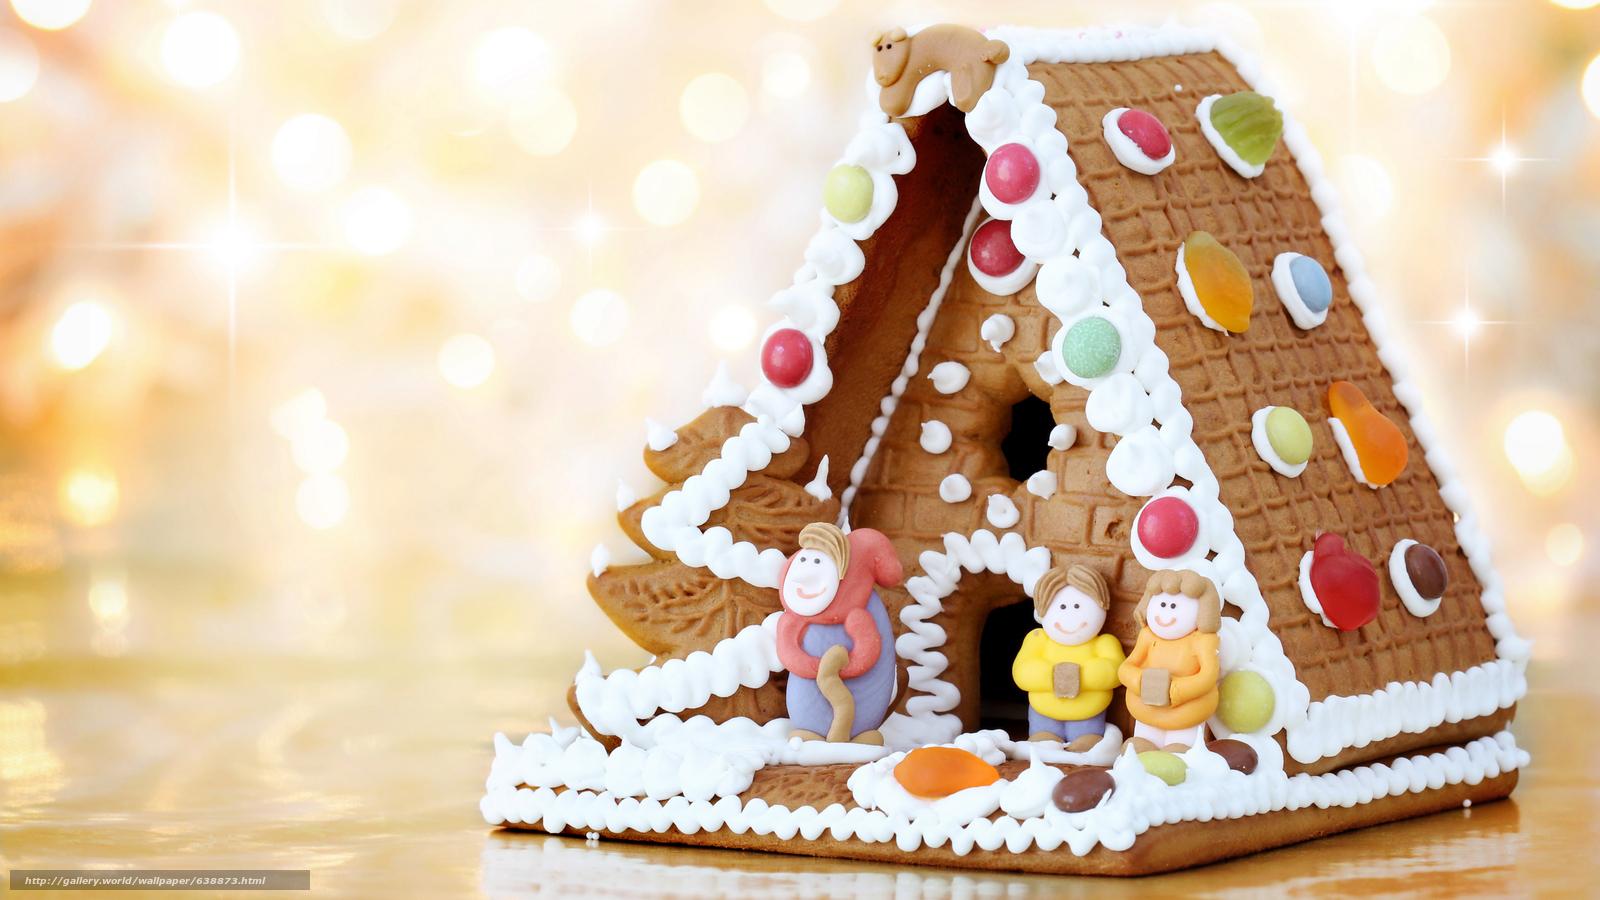 Скачать обои Новый год,  печенье,  праздник,  пряничный домик бесплатно для рабочего стола в разрешении 7680x4320 — картинка №638873